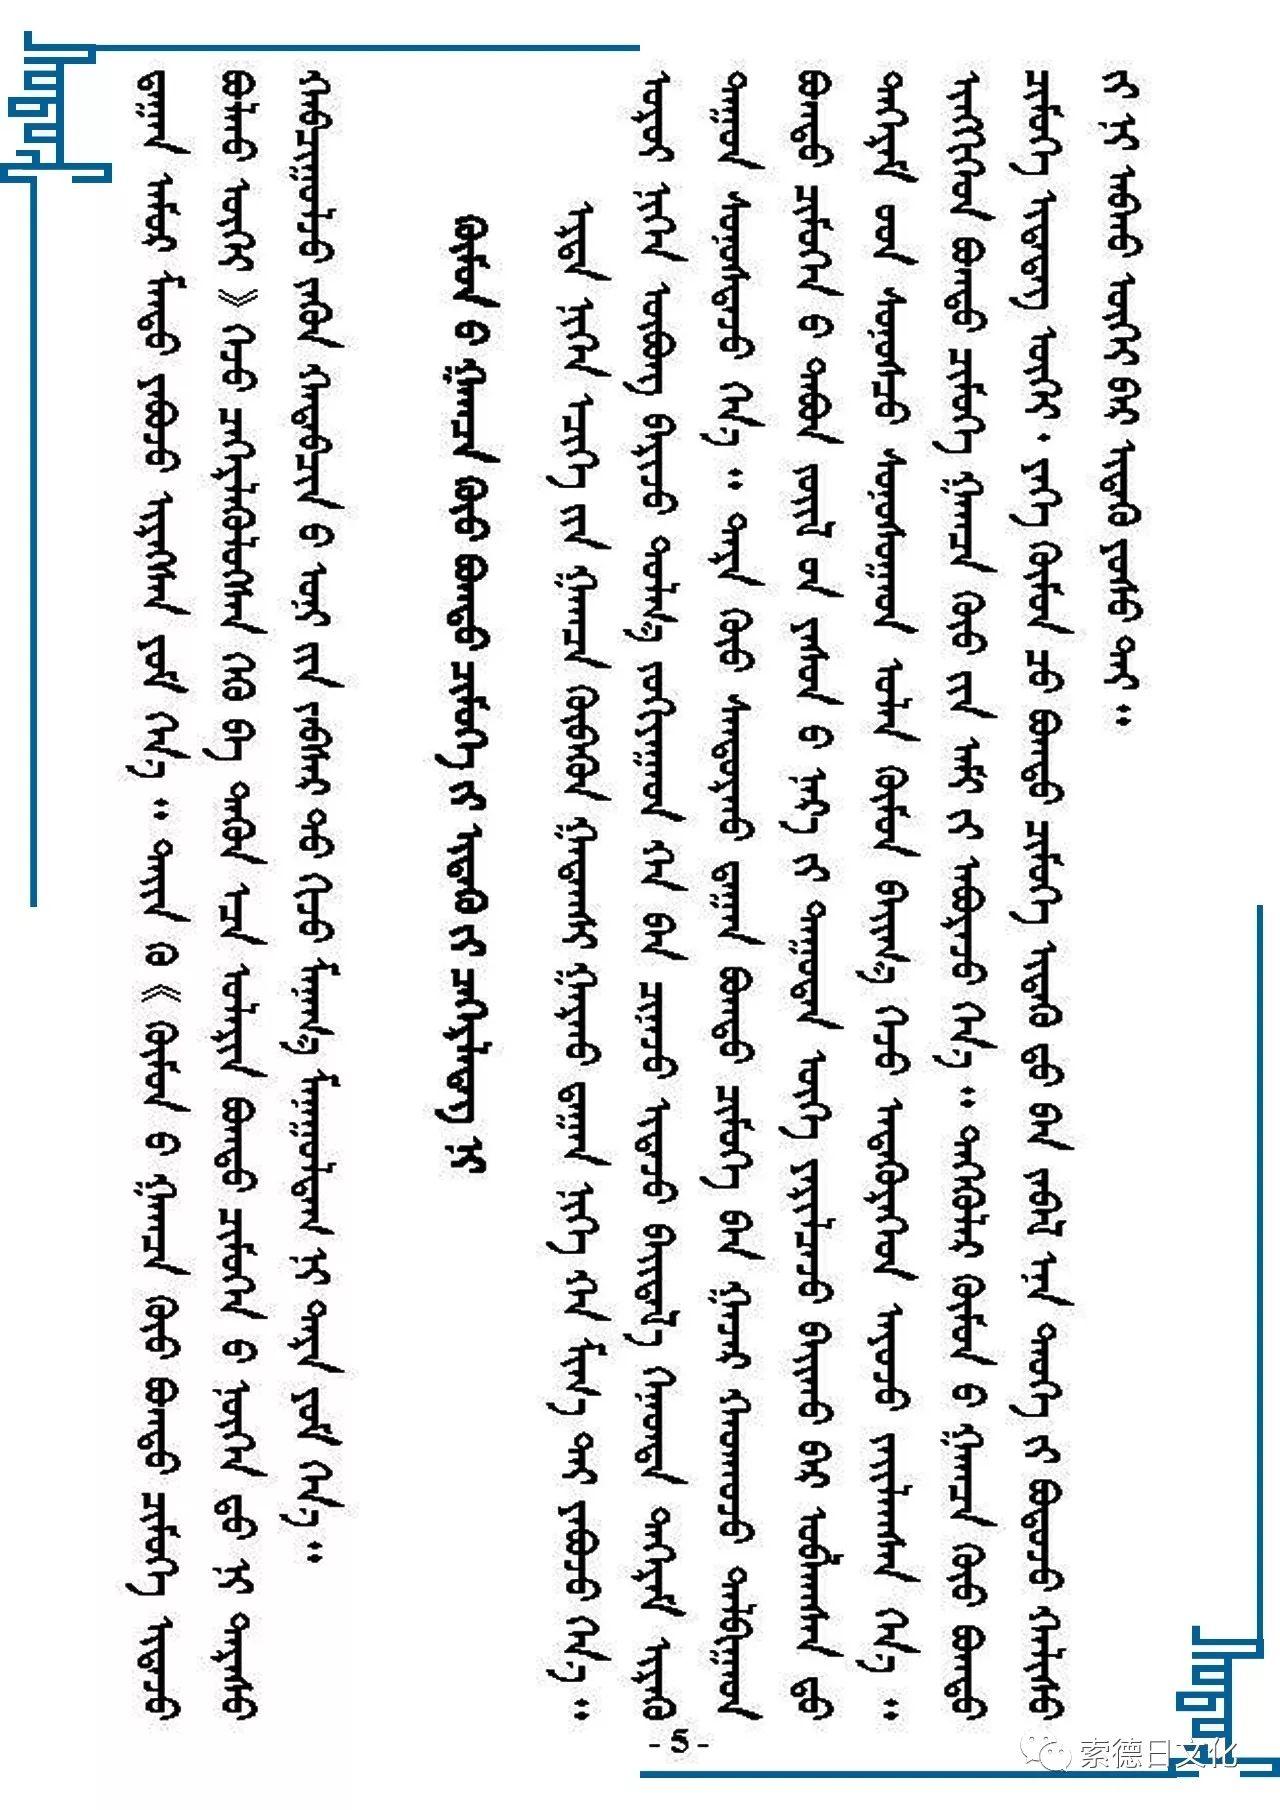 蒙古民俗故事 第5张